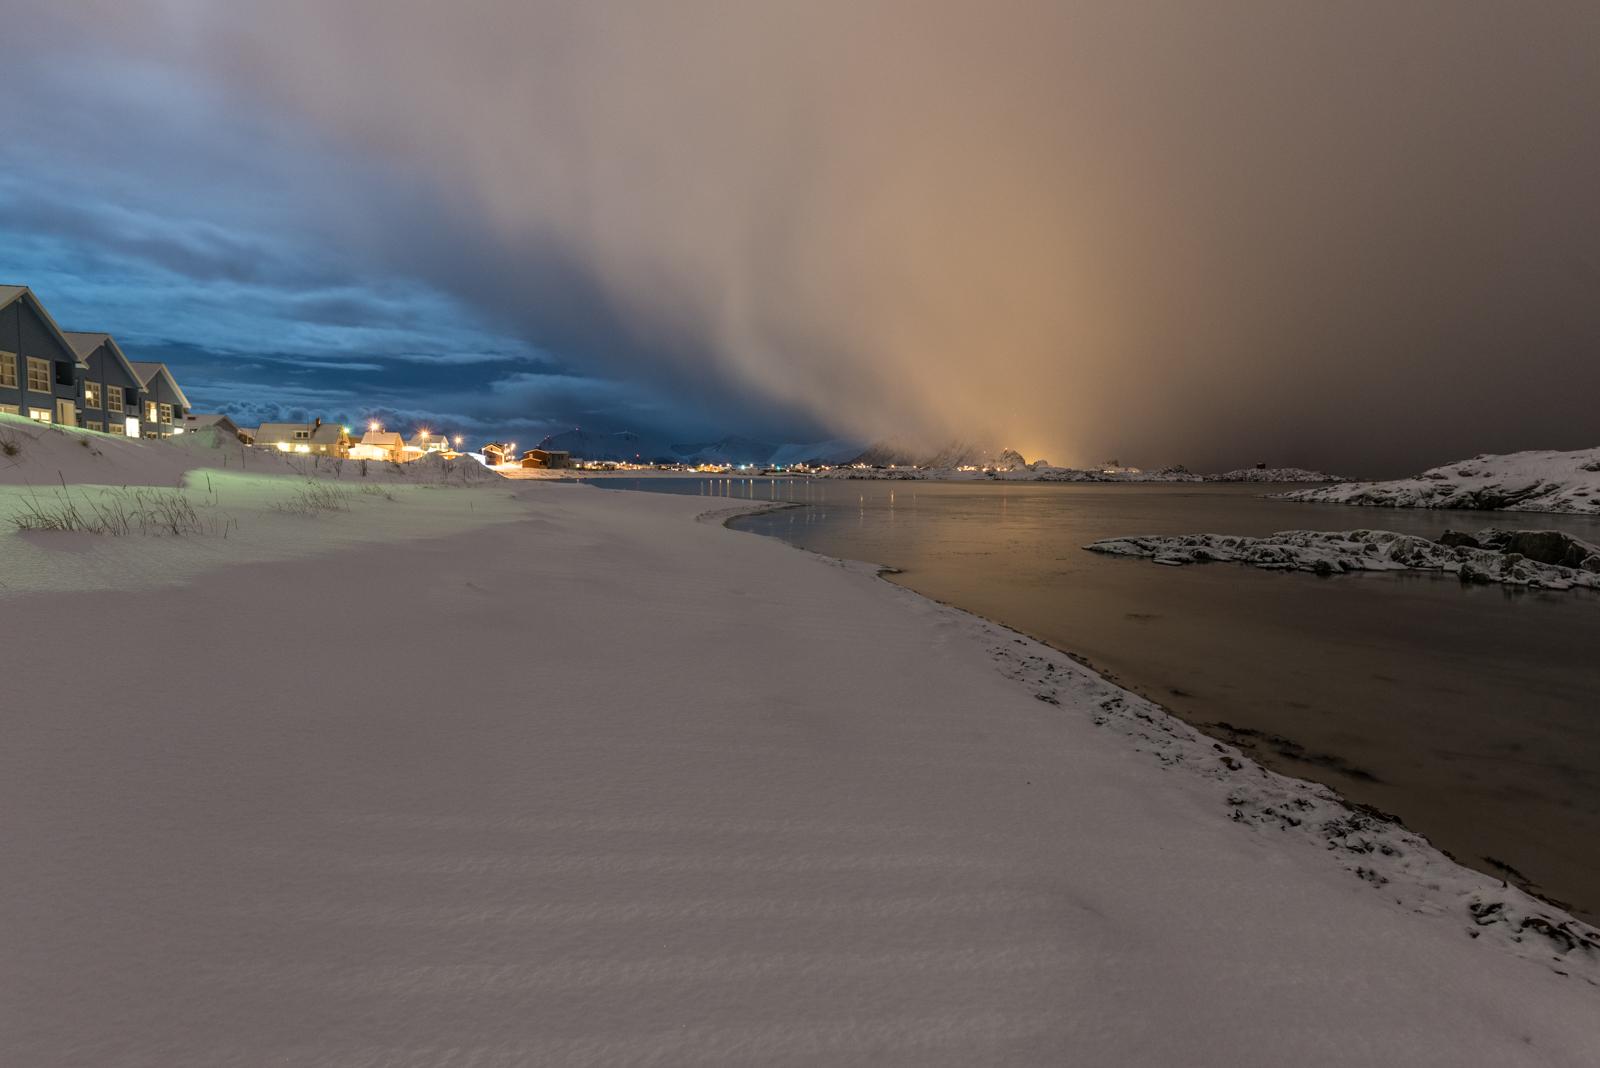 Spiaggia di Andenes con tempesta in arrivo